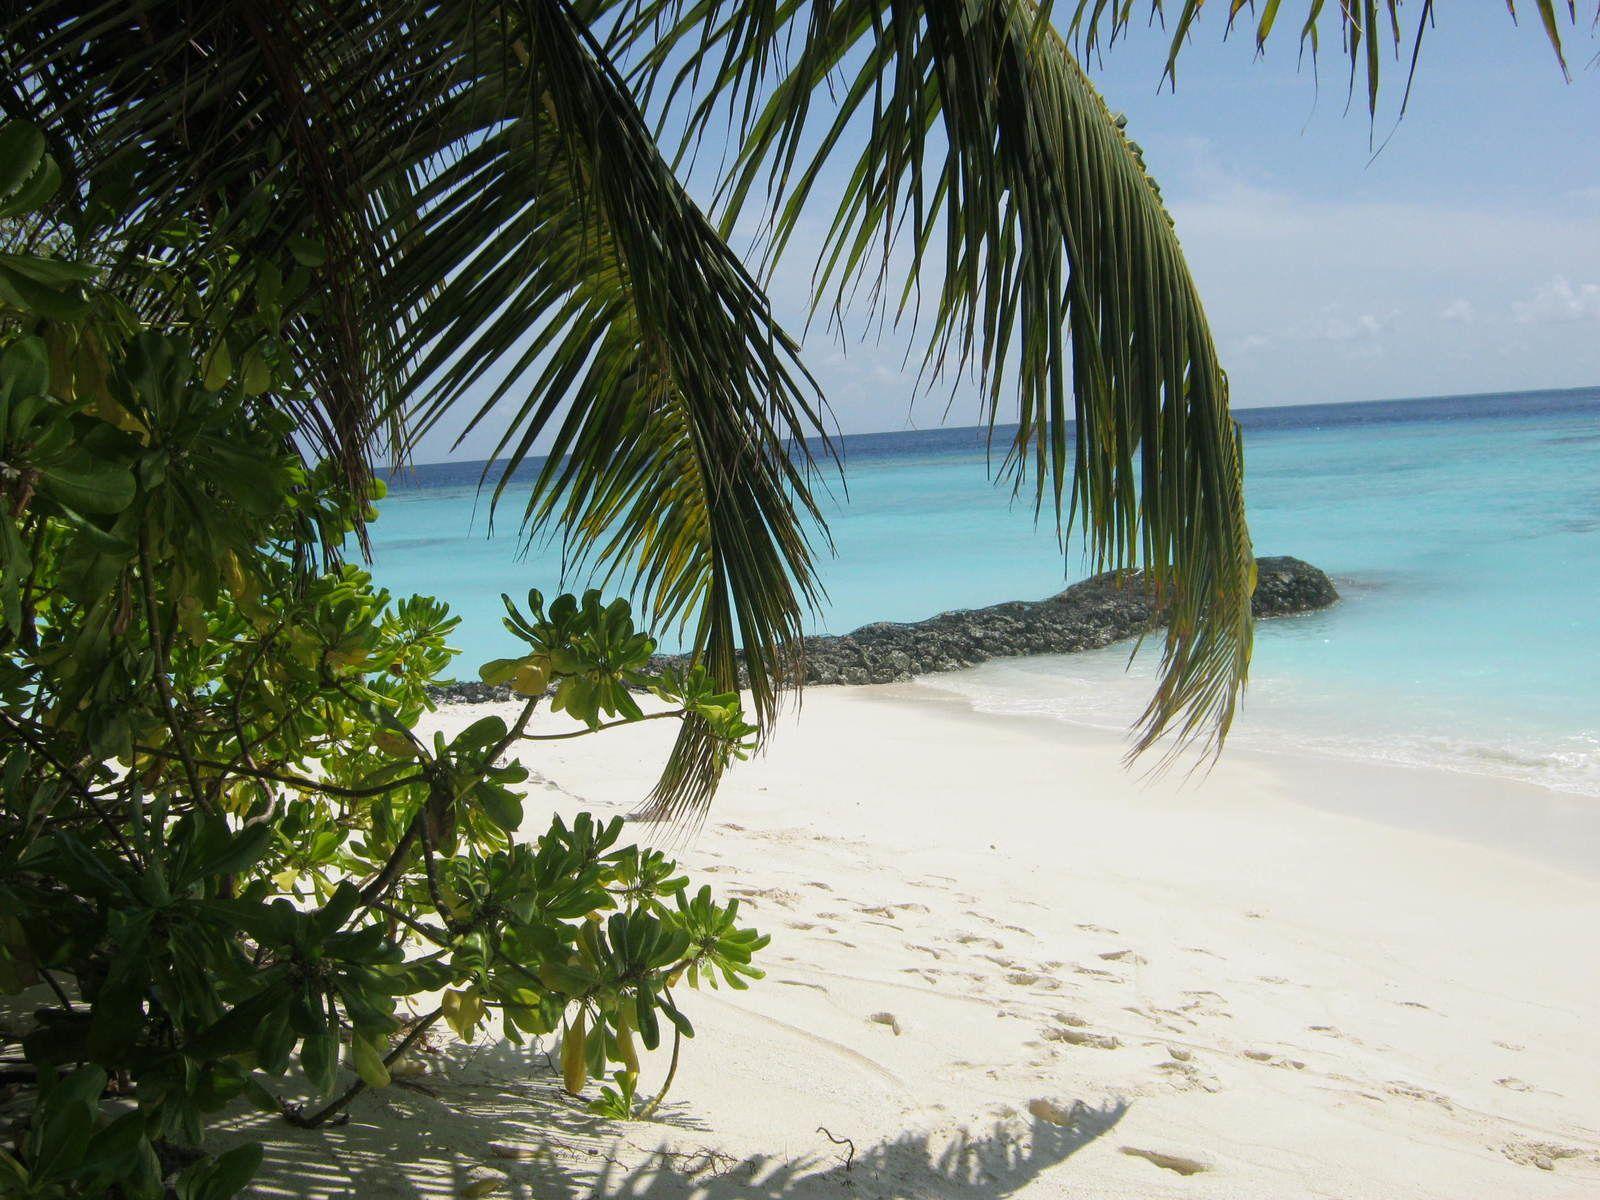 Les Maldives, super trop joli. Nous passerons sous silence les circonstances de ce voyage. Juste un conseil, réservez un hotel avant de partir, ne PAS partir aux Maldives en mode sac à dos.